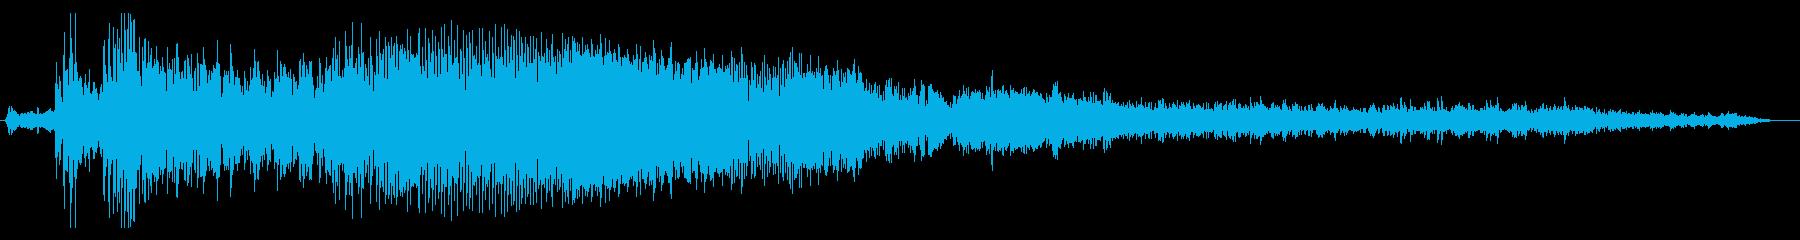 1917ダッジ:Ext:スタート、...の再生済みの波形